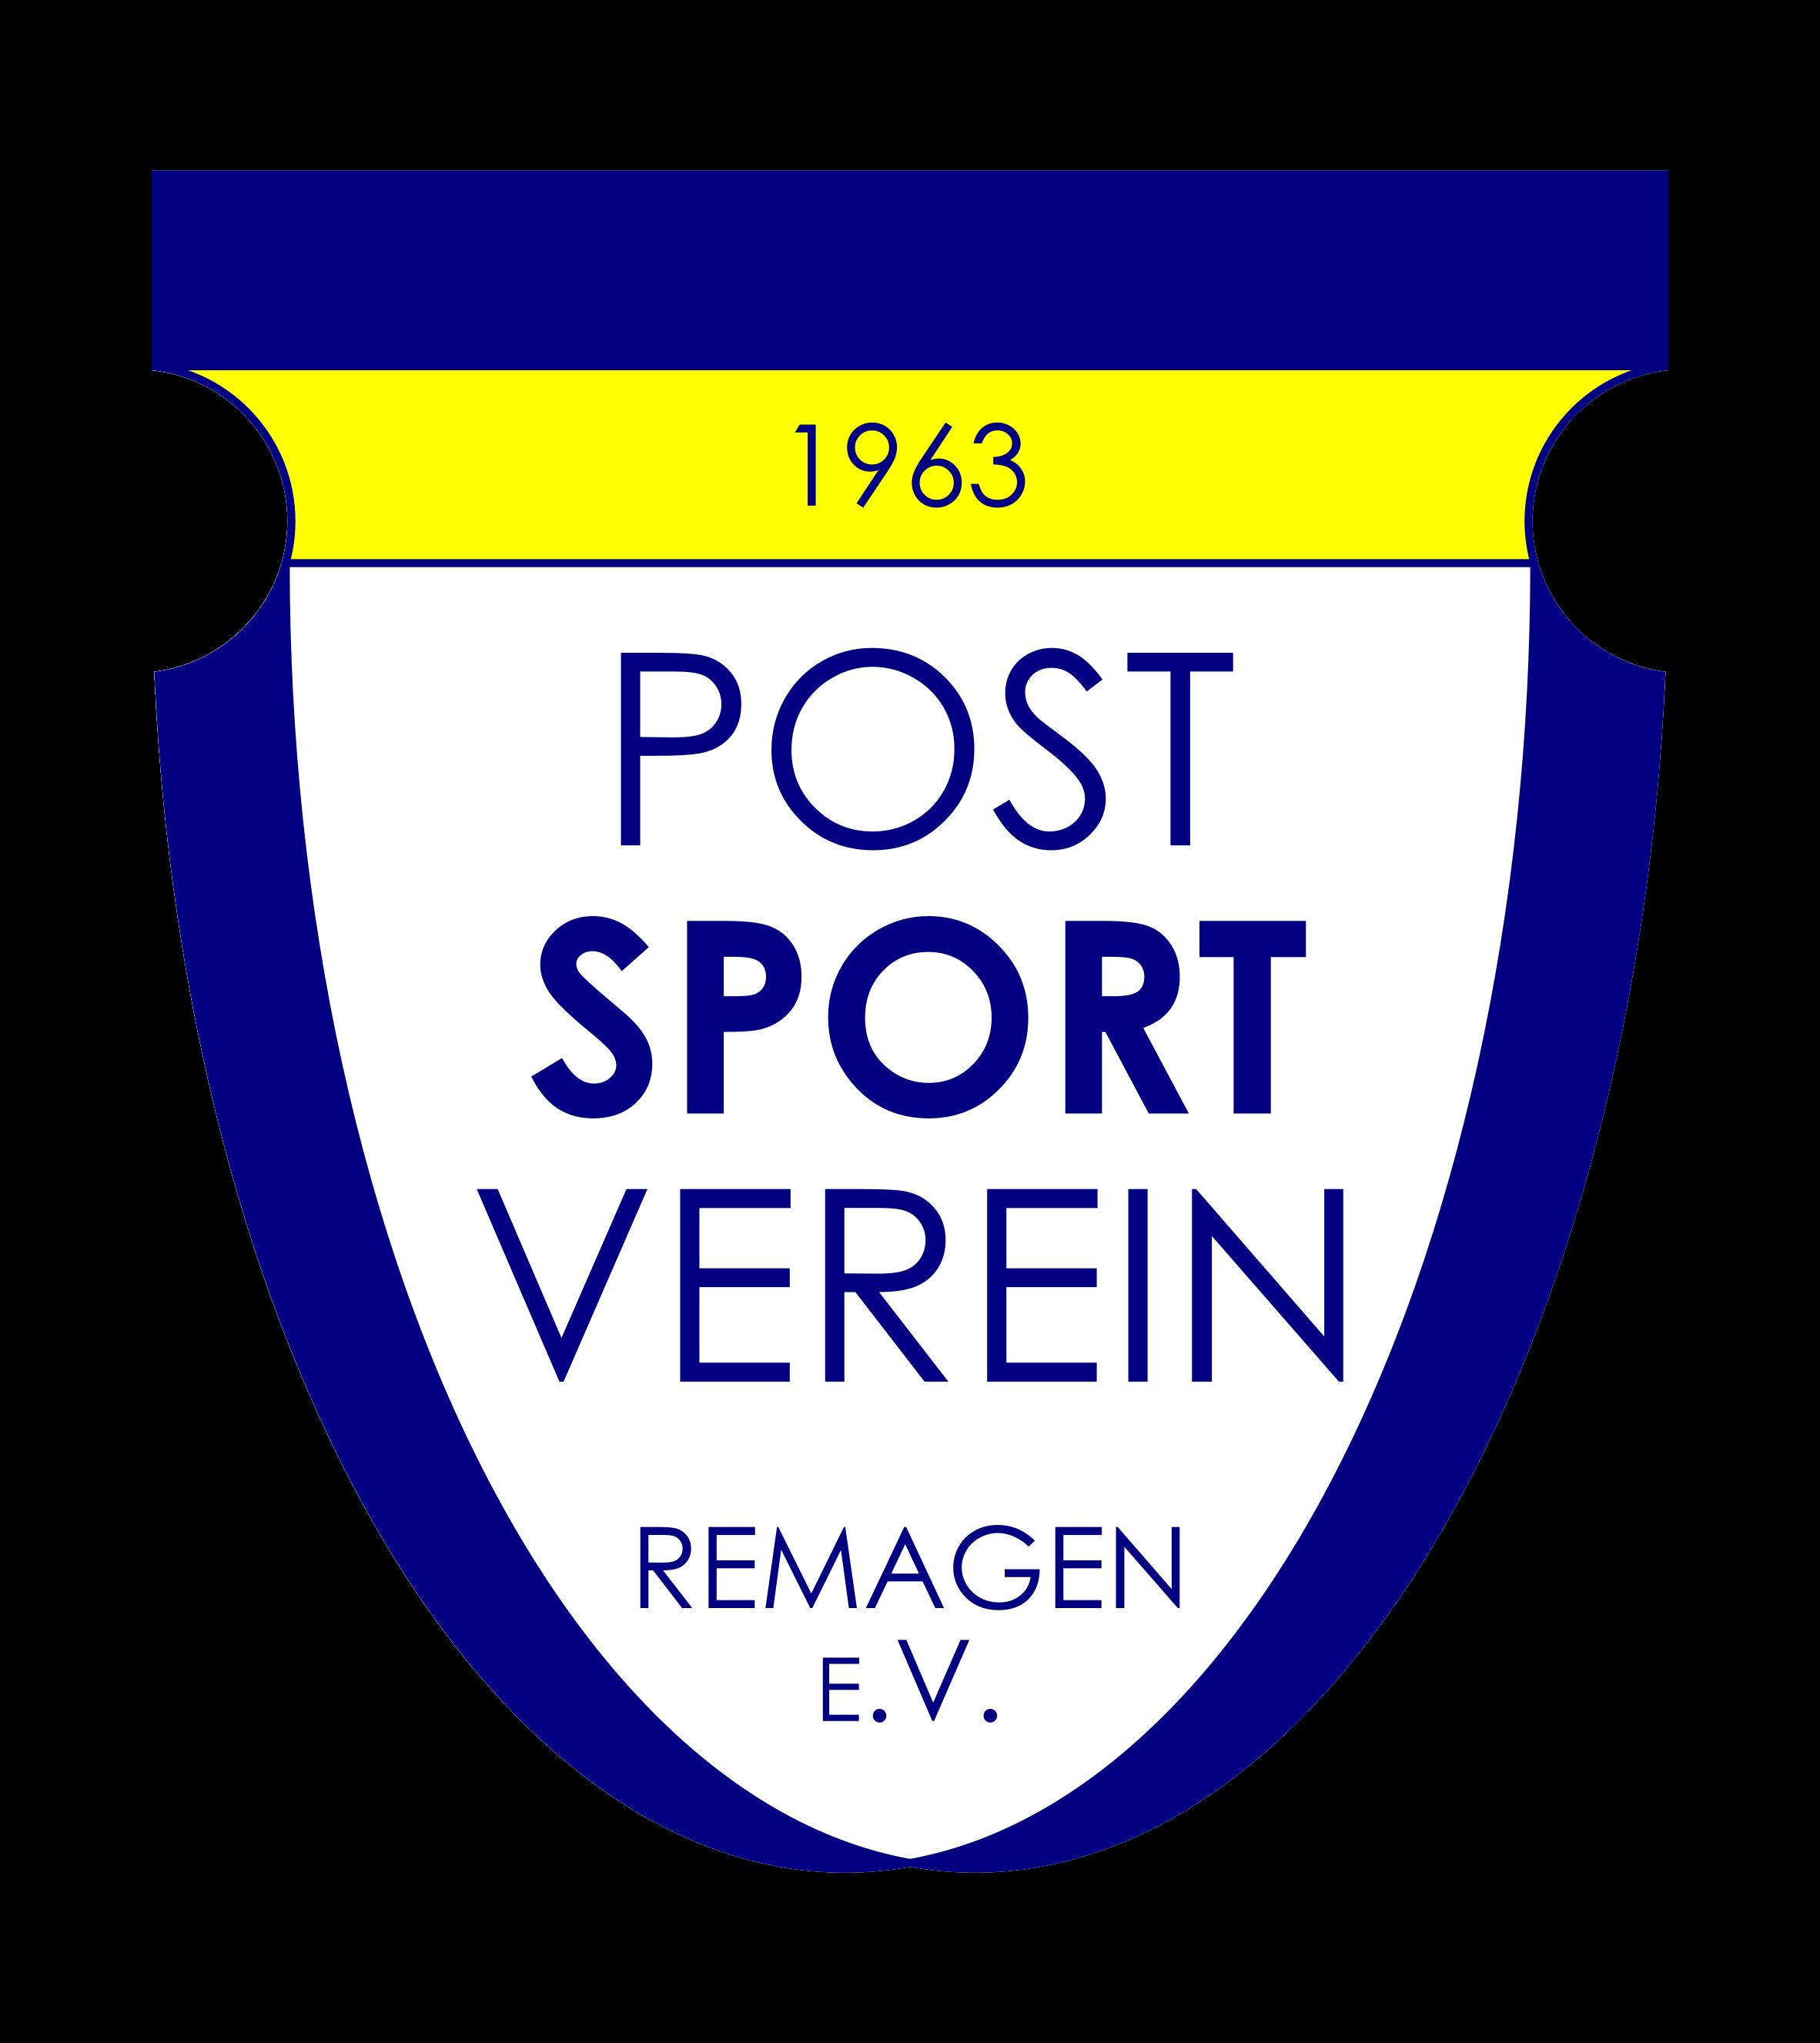 Postsportverein Remagen e.V.